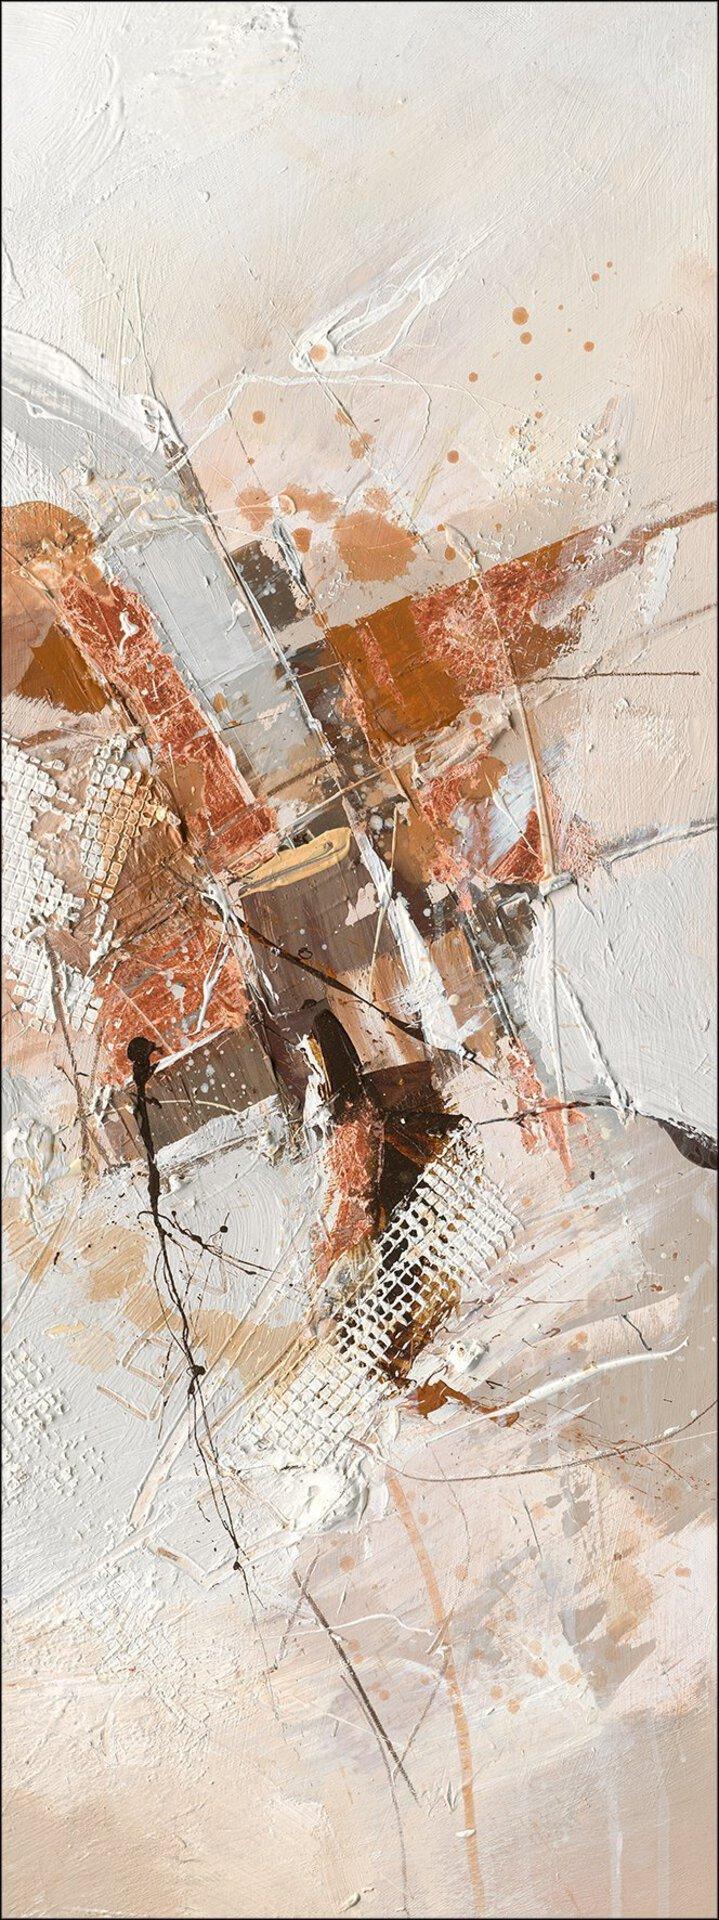 Bild Percussion IV Pro-Art Kunststoff mehrfarbig 77 x 27 x 2 cm